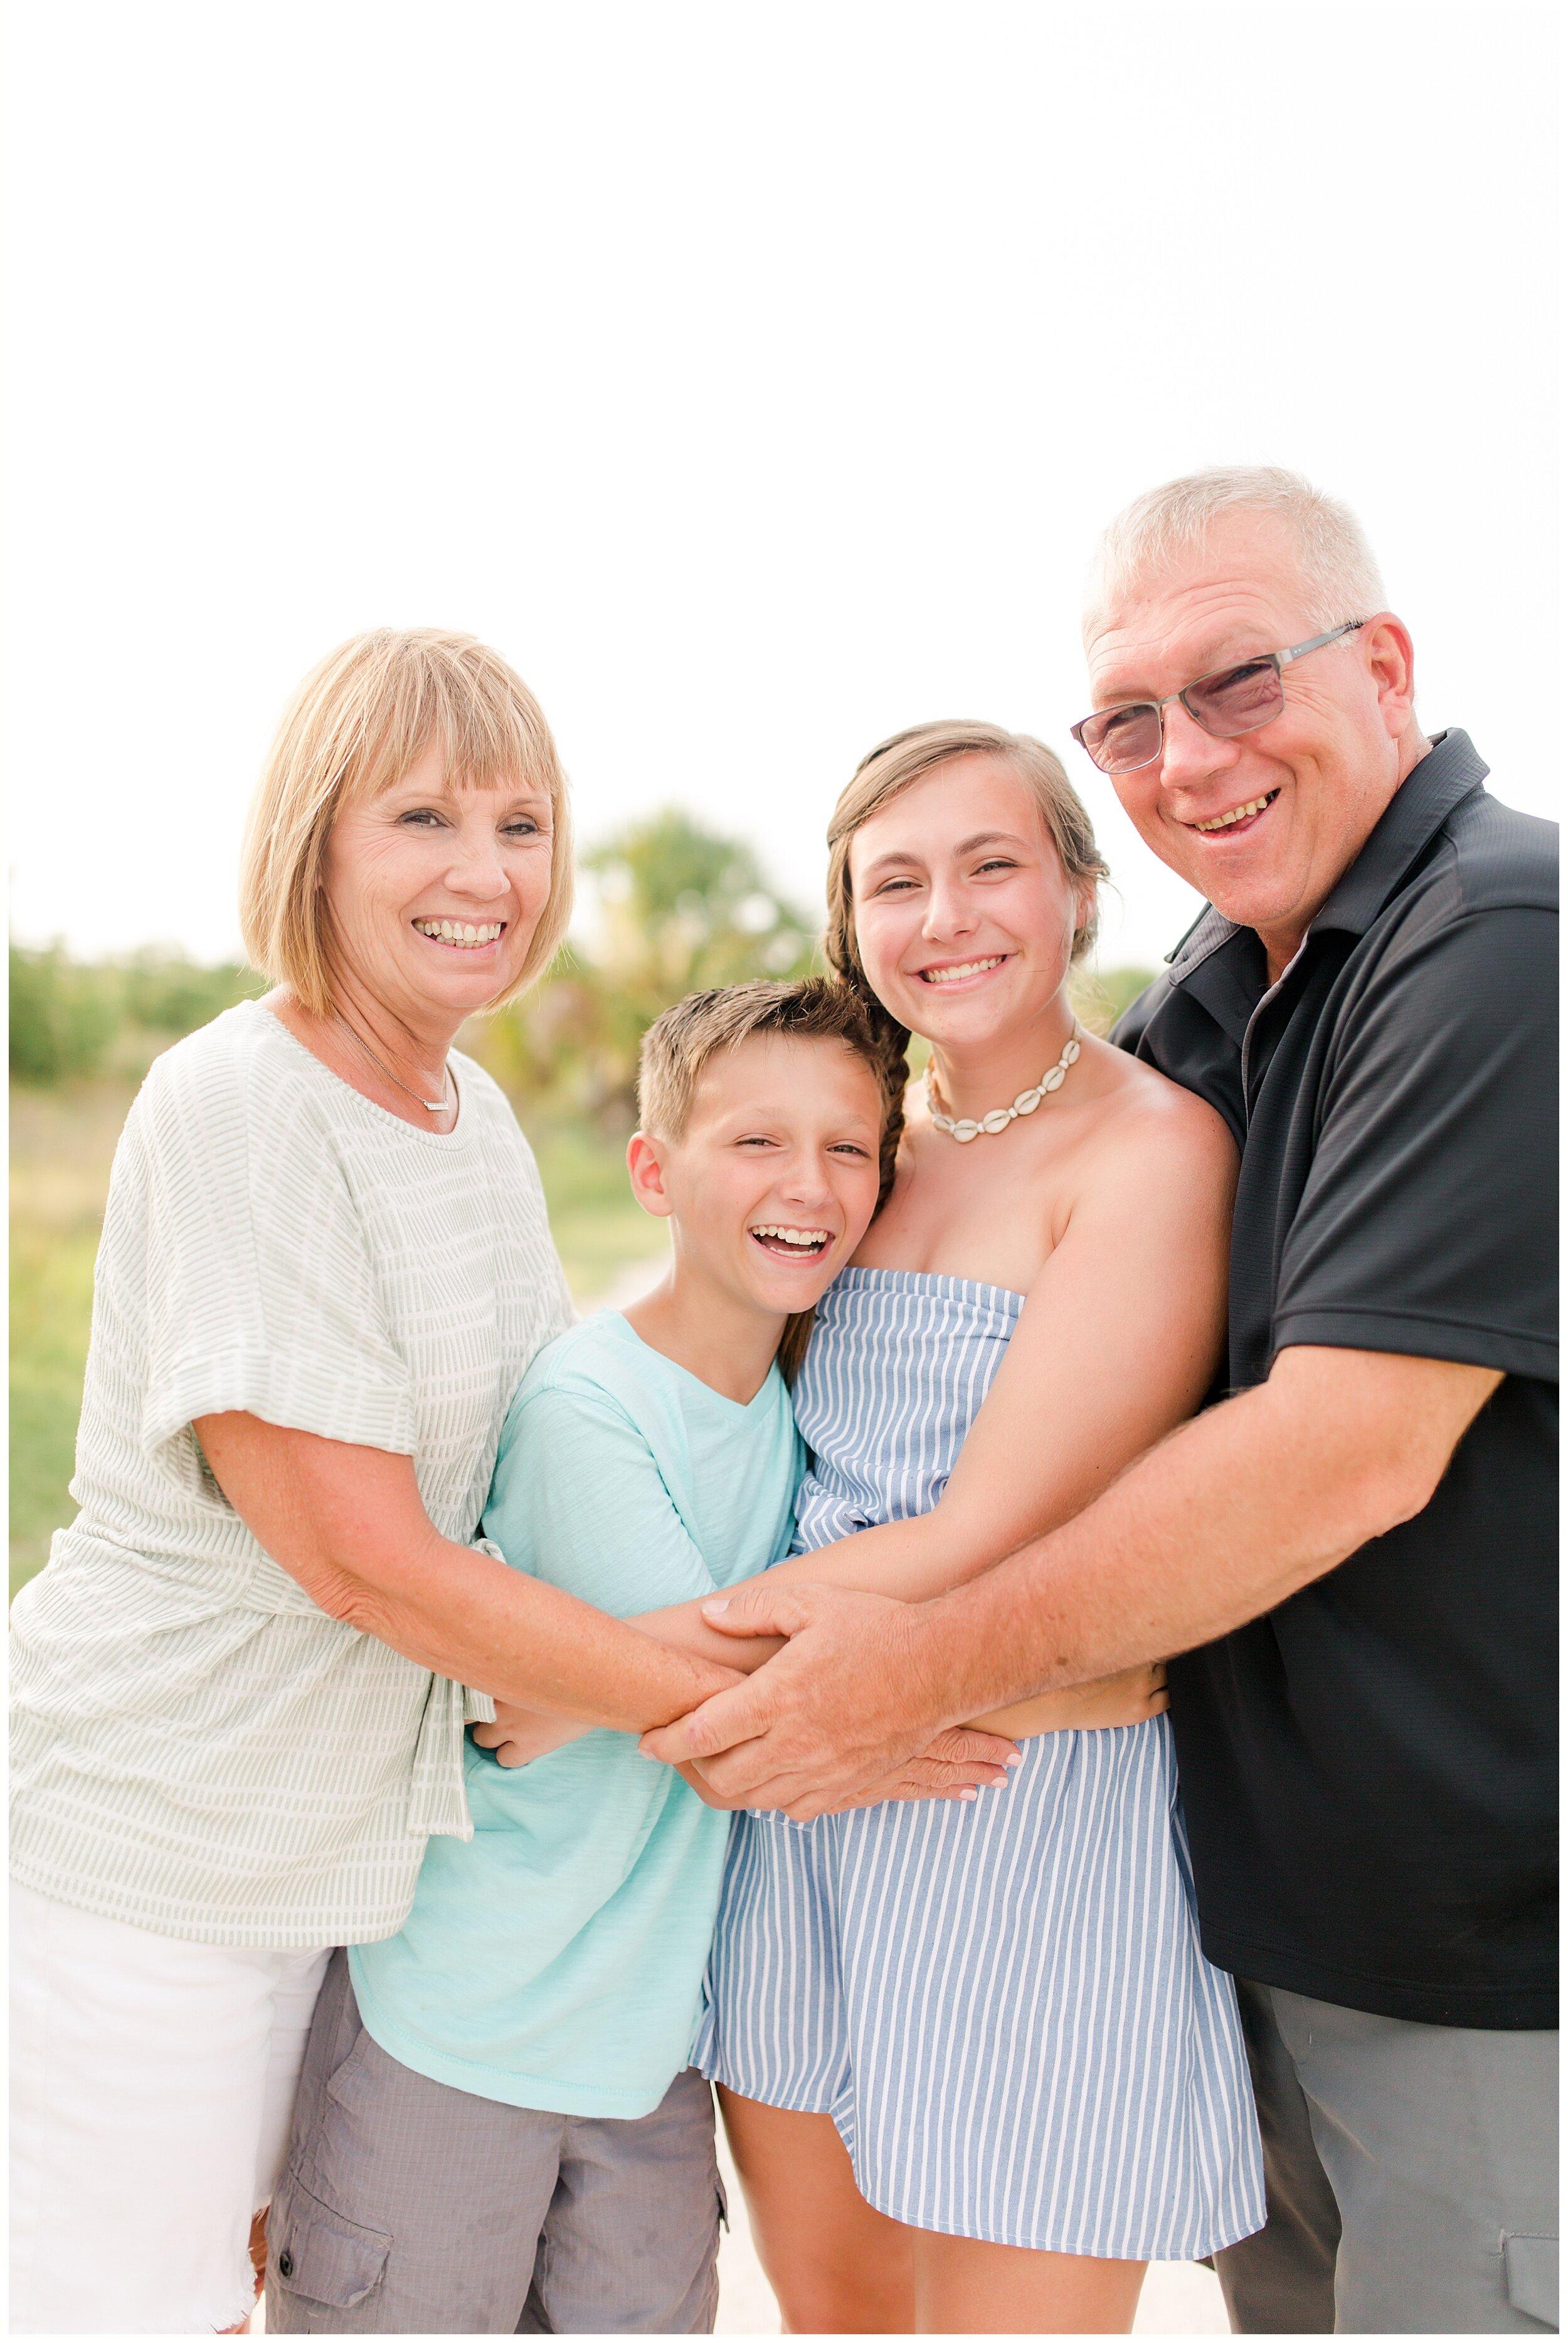 lexington-ky-family-lifestyle-photographer-priscilla-baierlein_1642.jpg